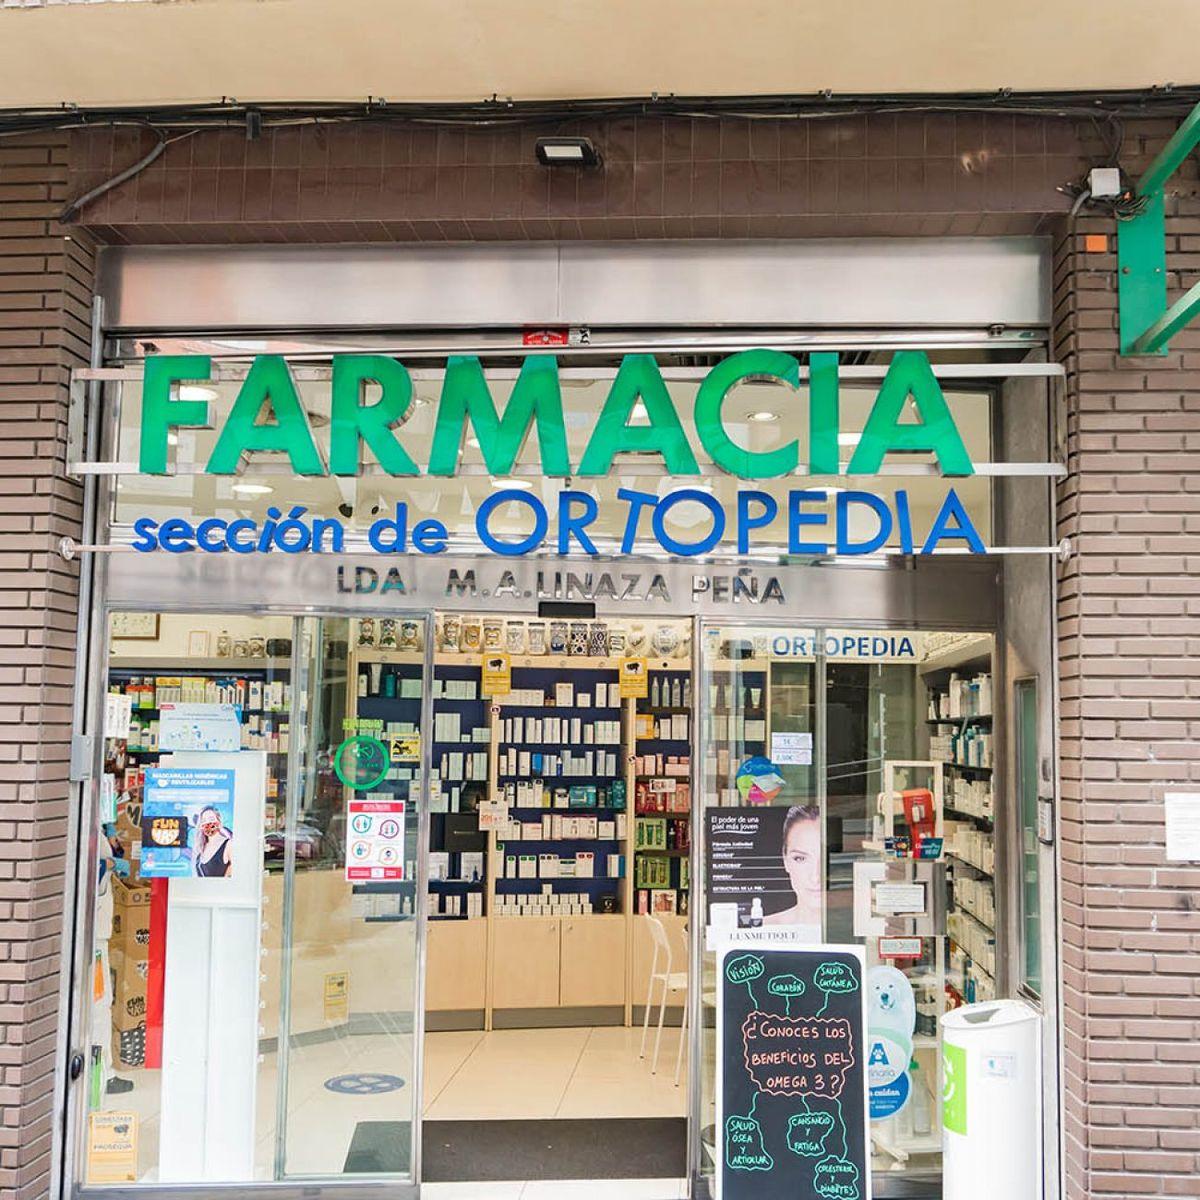 Farmacia y ortopedia Marian Linaza Peña en Deusto